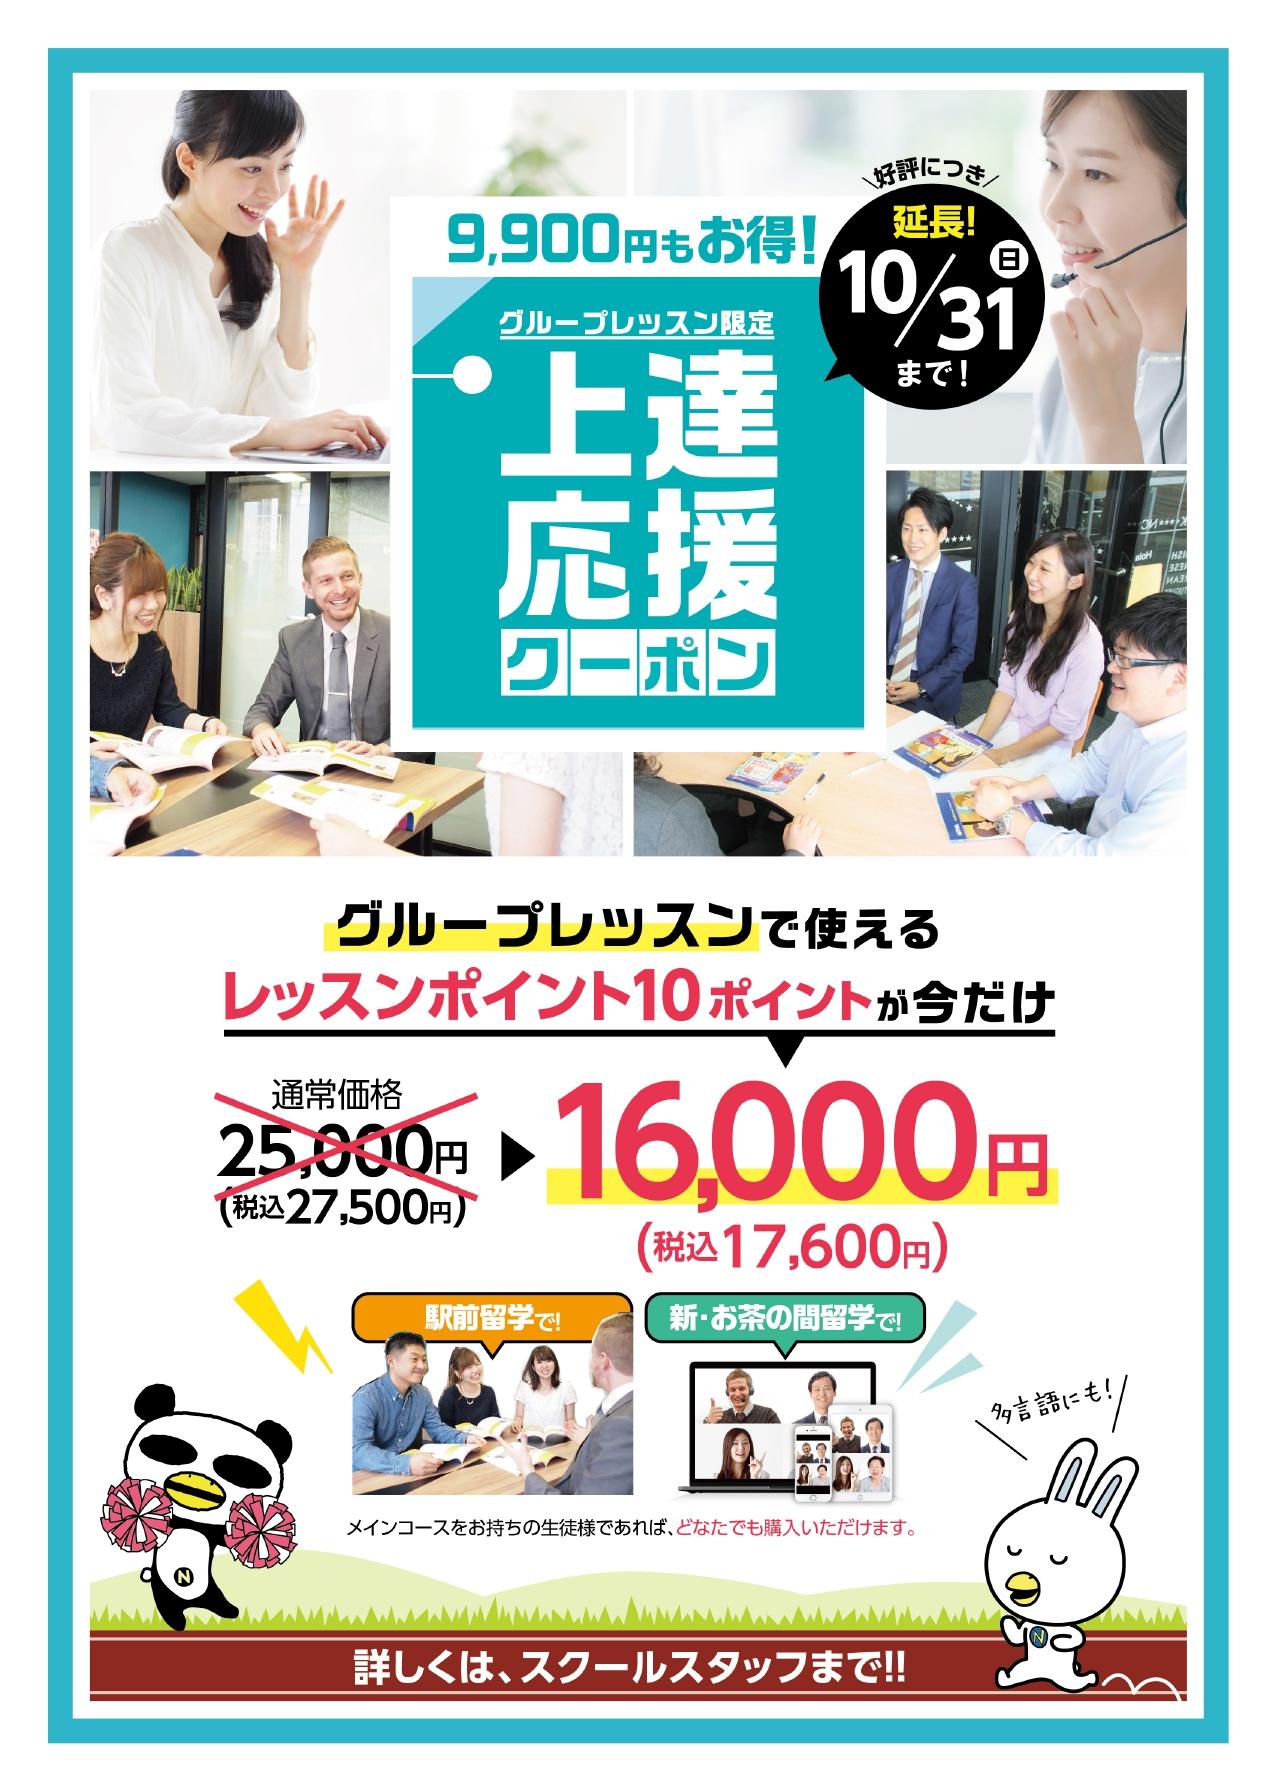 【英語力急上昇!】最大約15,000円オフ!賢いスクールの通い方😉